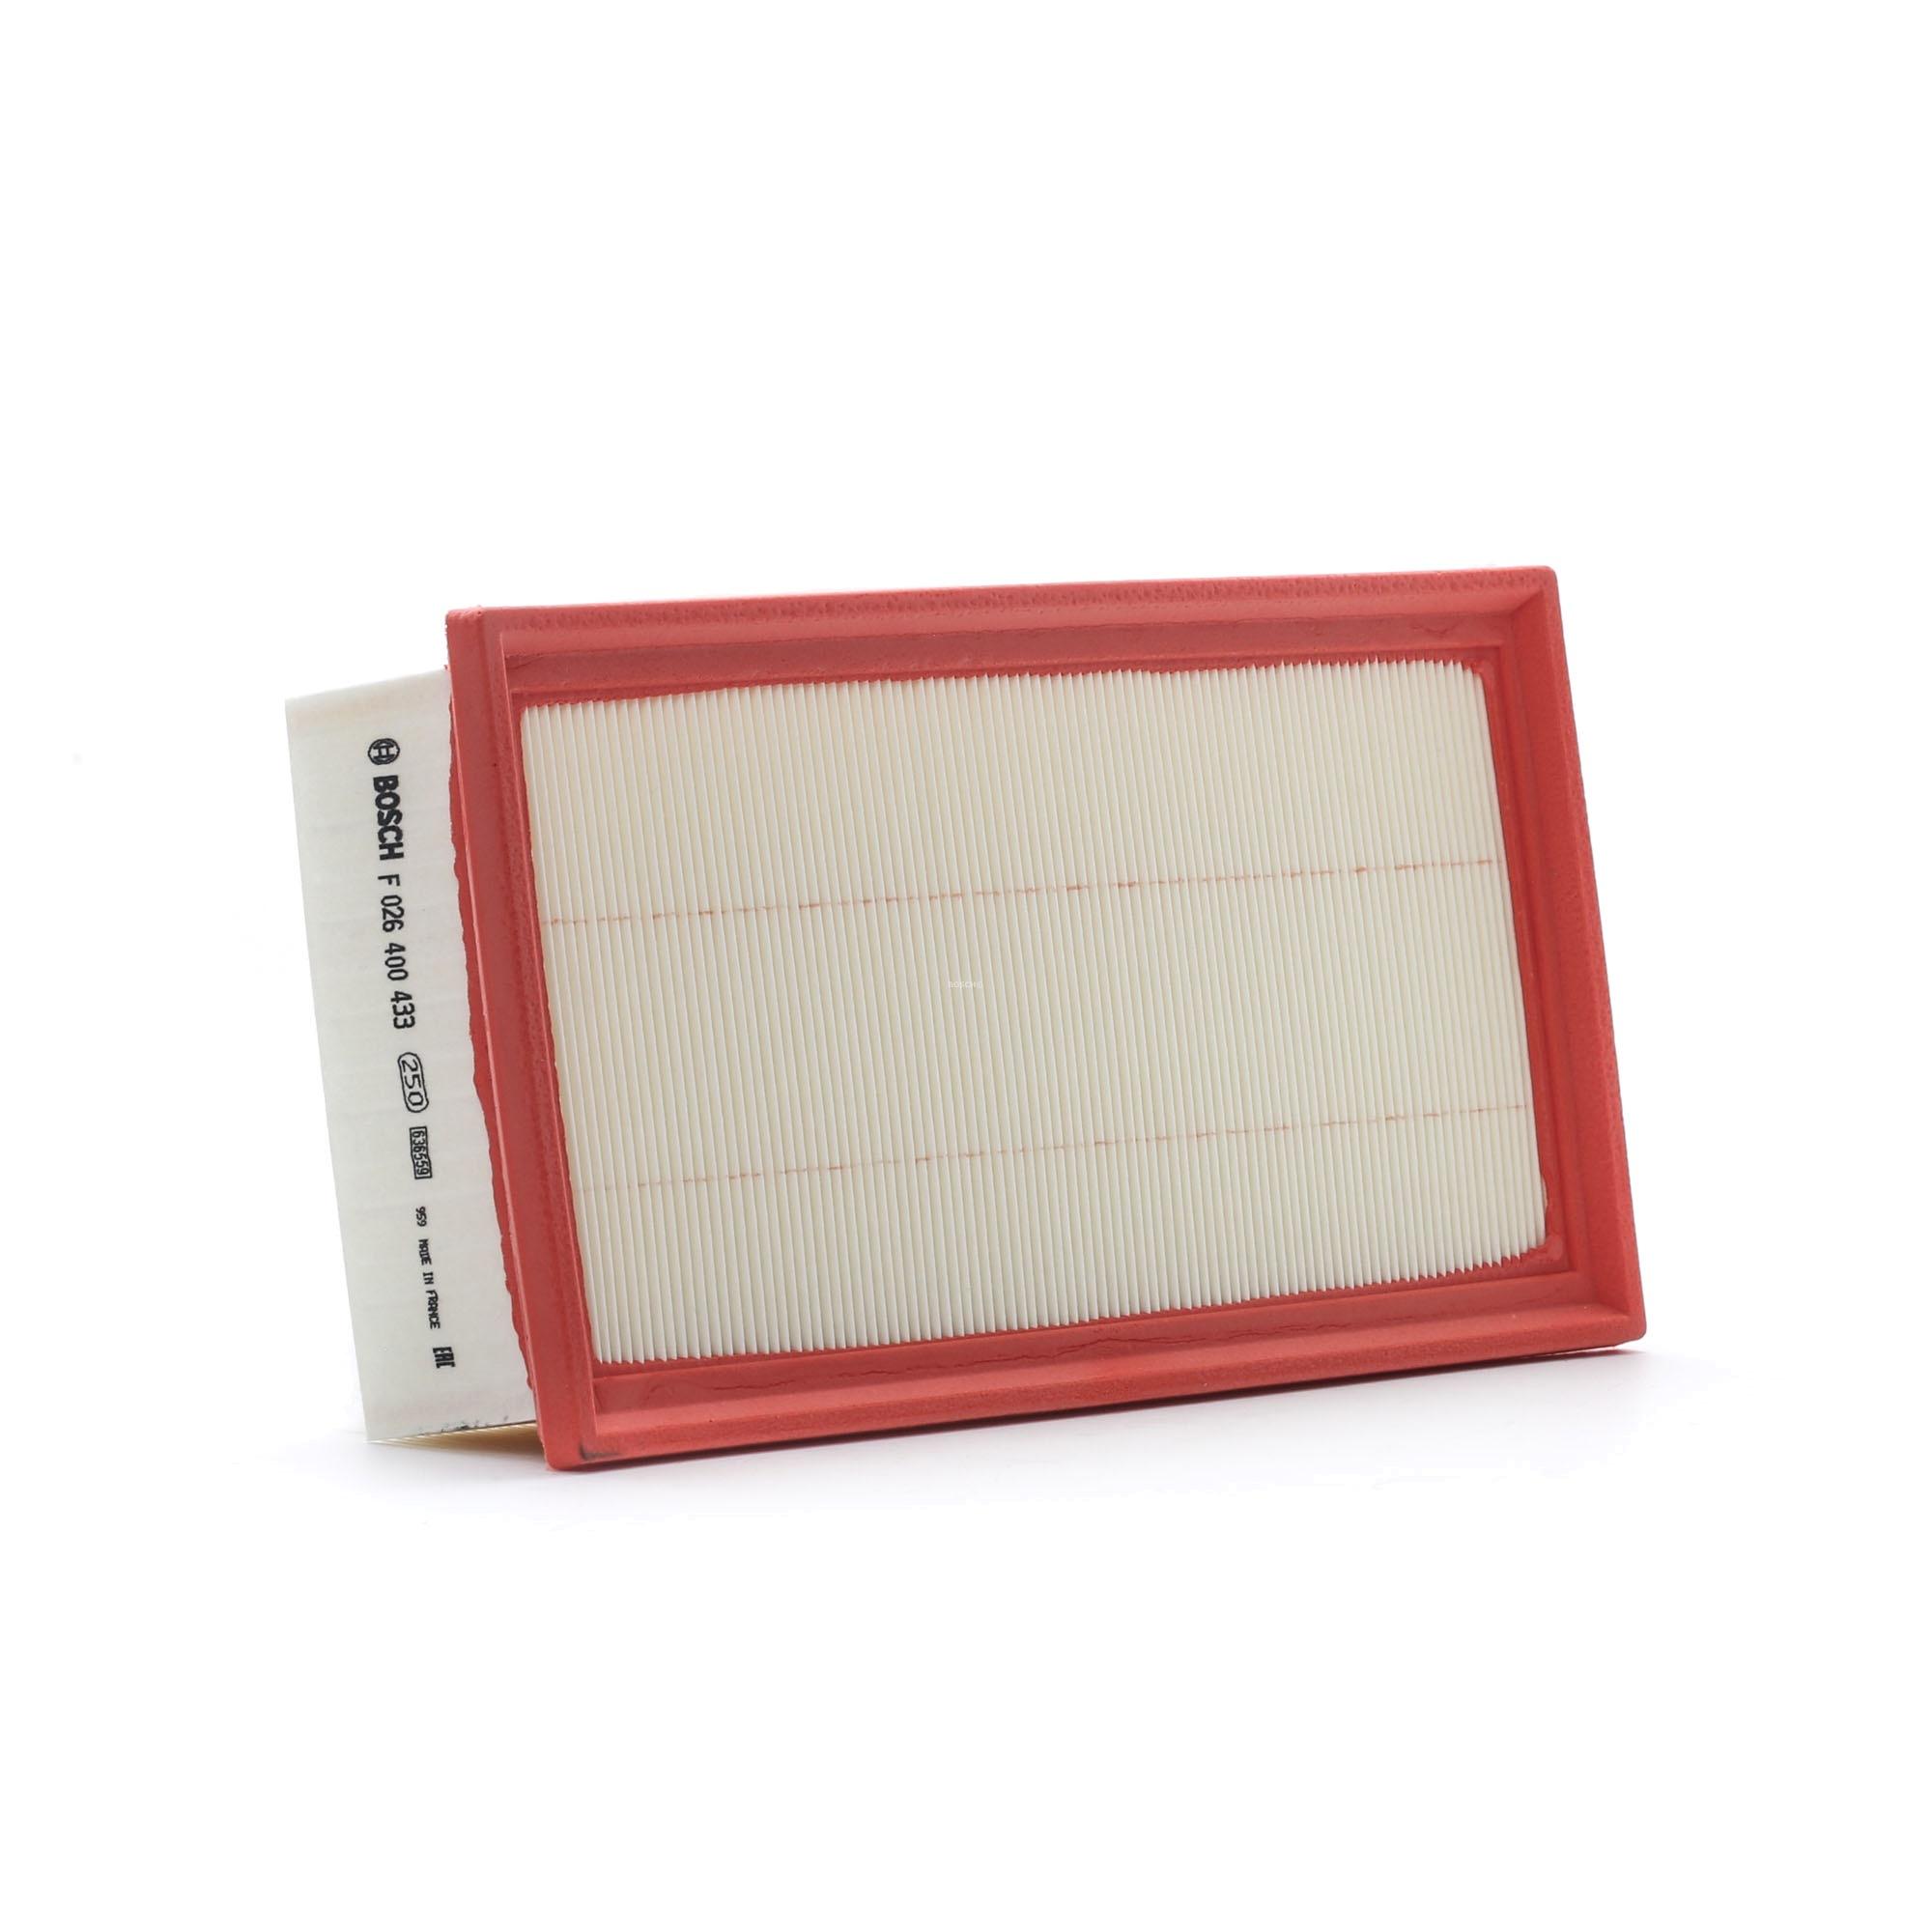 Achetez Filtre à air BOSCH F 026 400 433 (Longueur: 298mm, Longueur: 298mm, Largeur: 161mm, Hauteur: 61mm) à un rapport qualité-prix exceptionnel